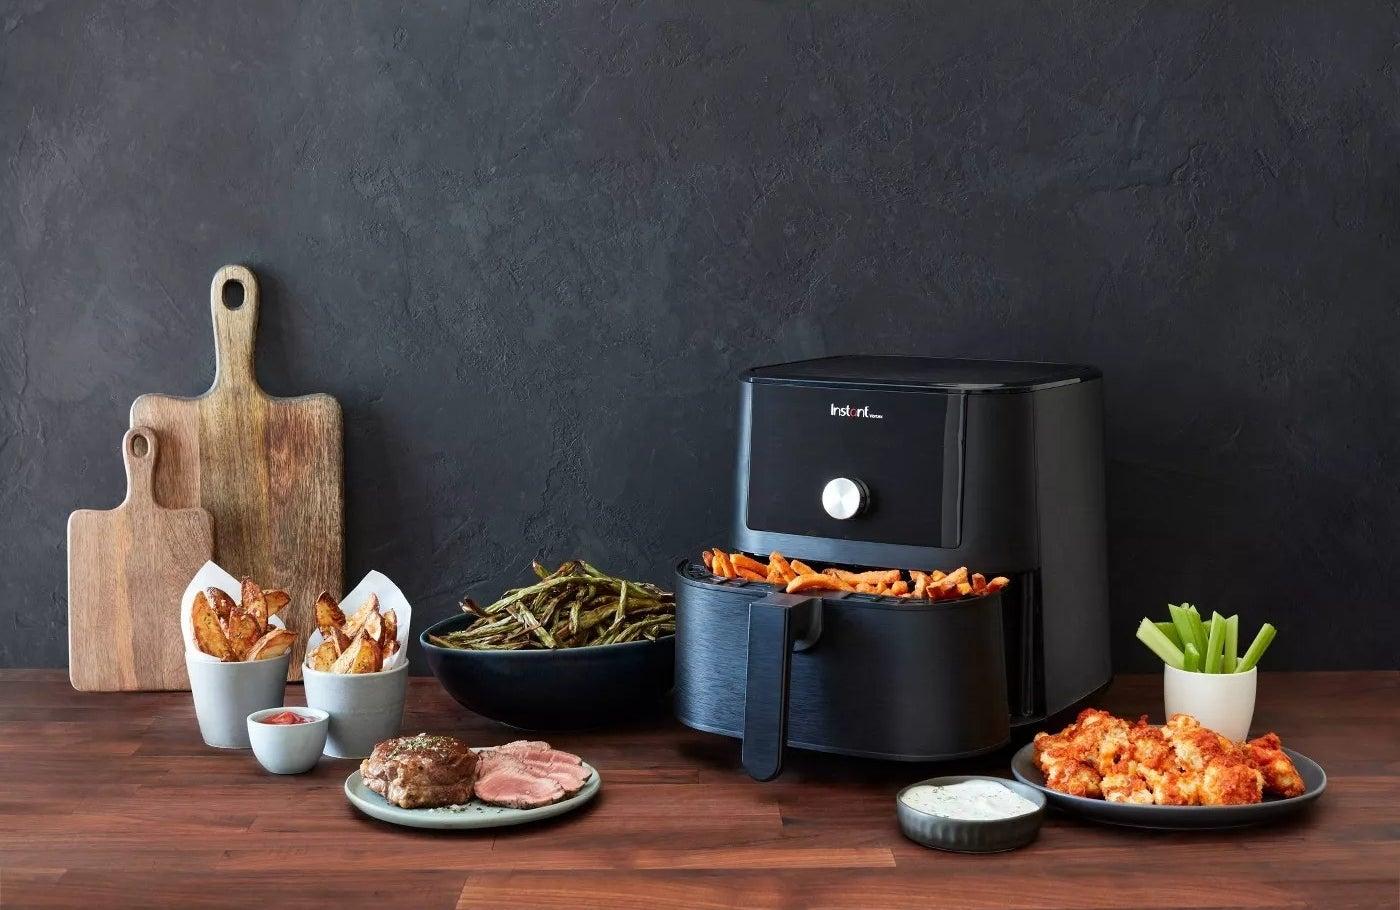 The 6-quart Instant Pot Vortex air fryer